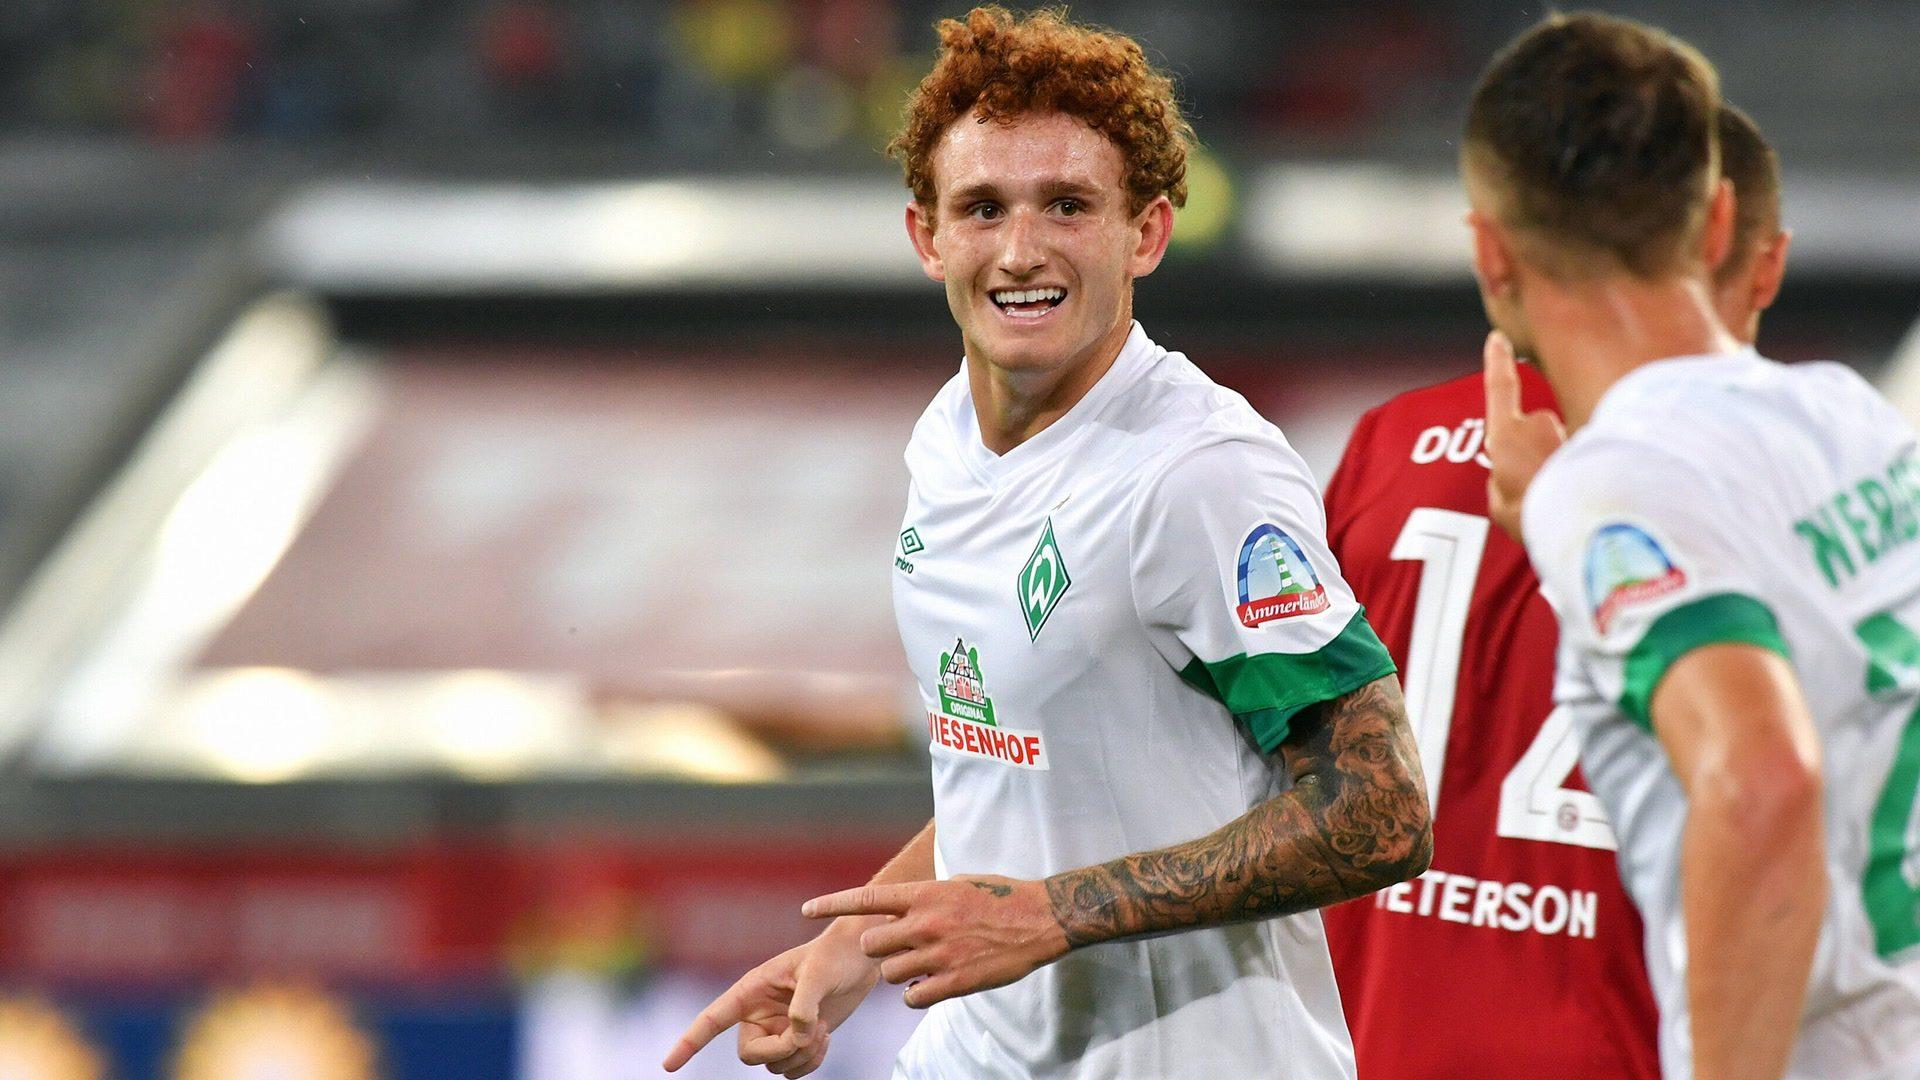 Bundesliga 2, Matchday 2 round-up: Sargent double downs Düsseldorf